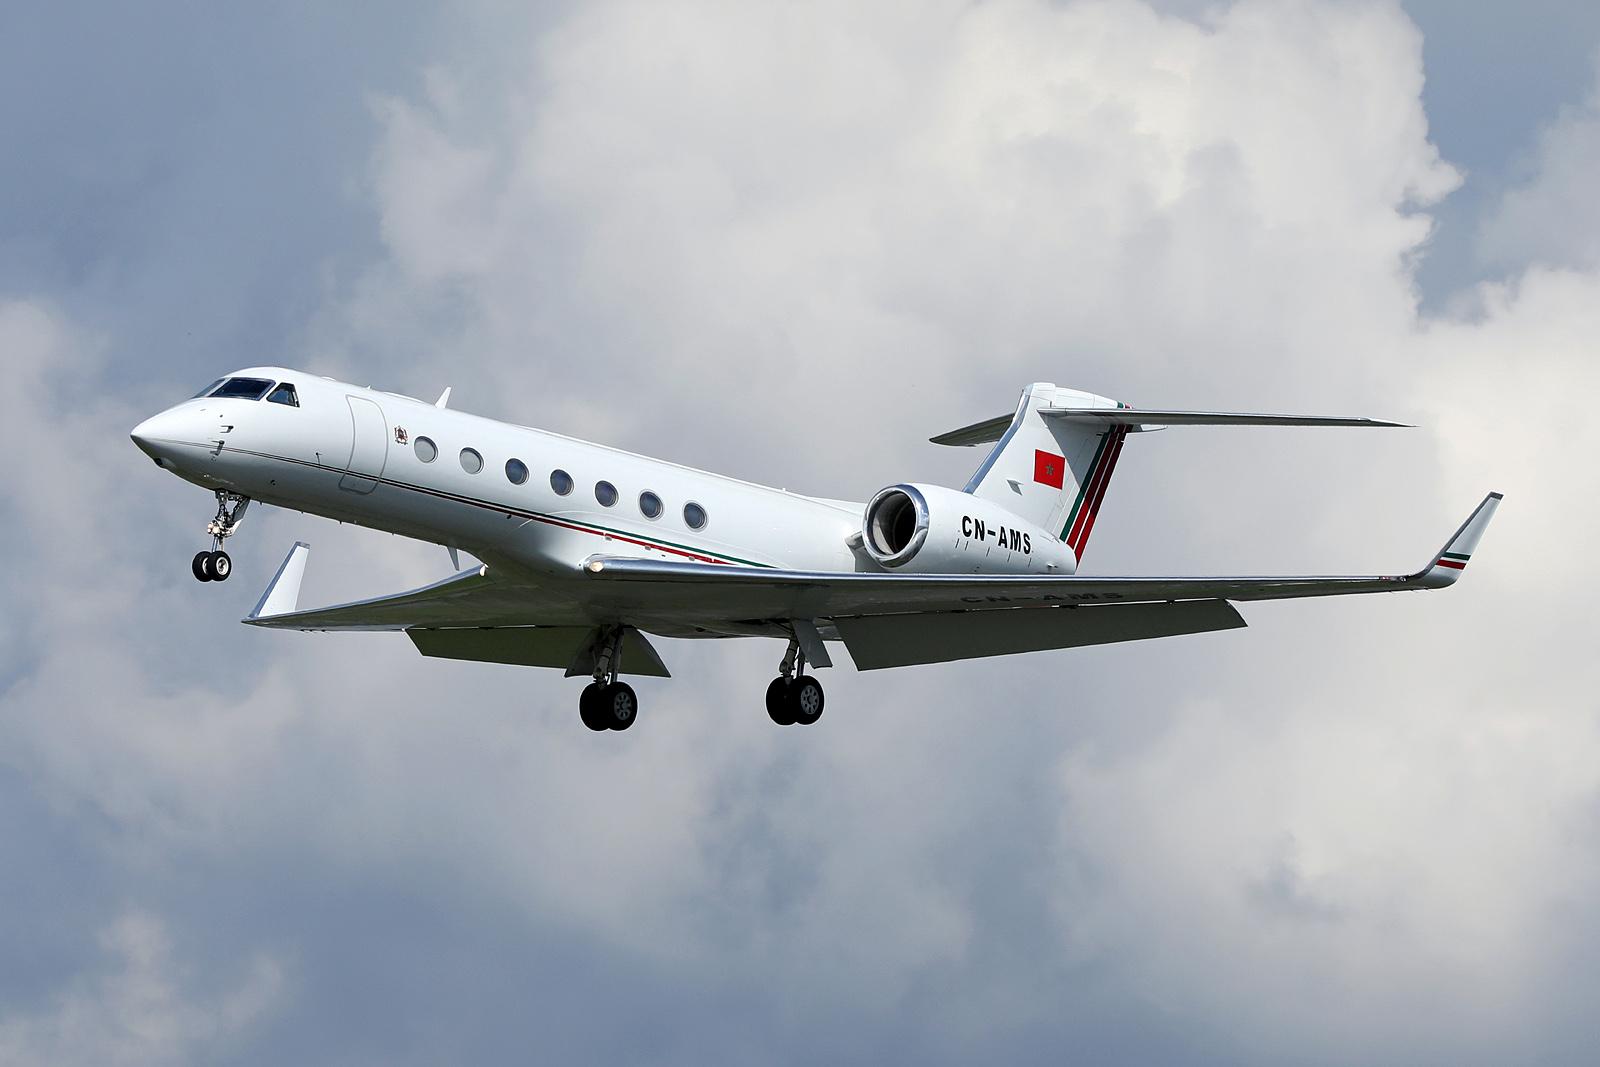 FRA: Avions VIP, Liaison & ECM - Page 19 26562699677_73c9d1d852_o